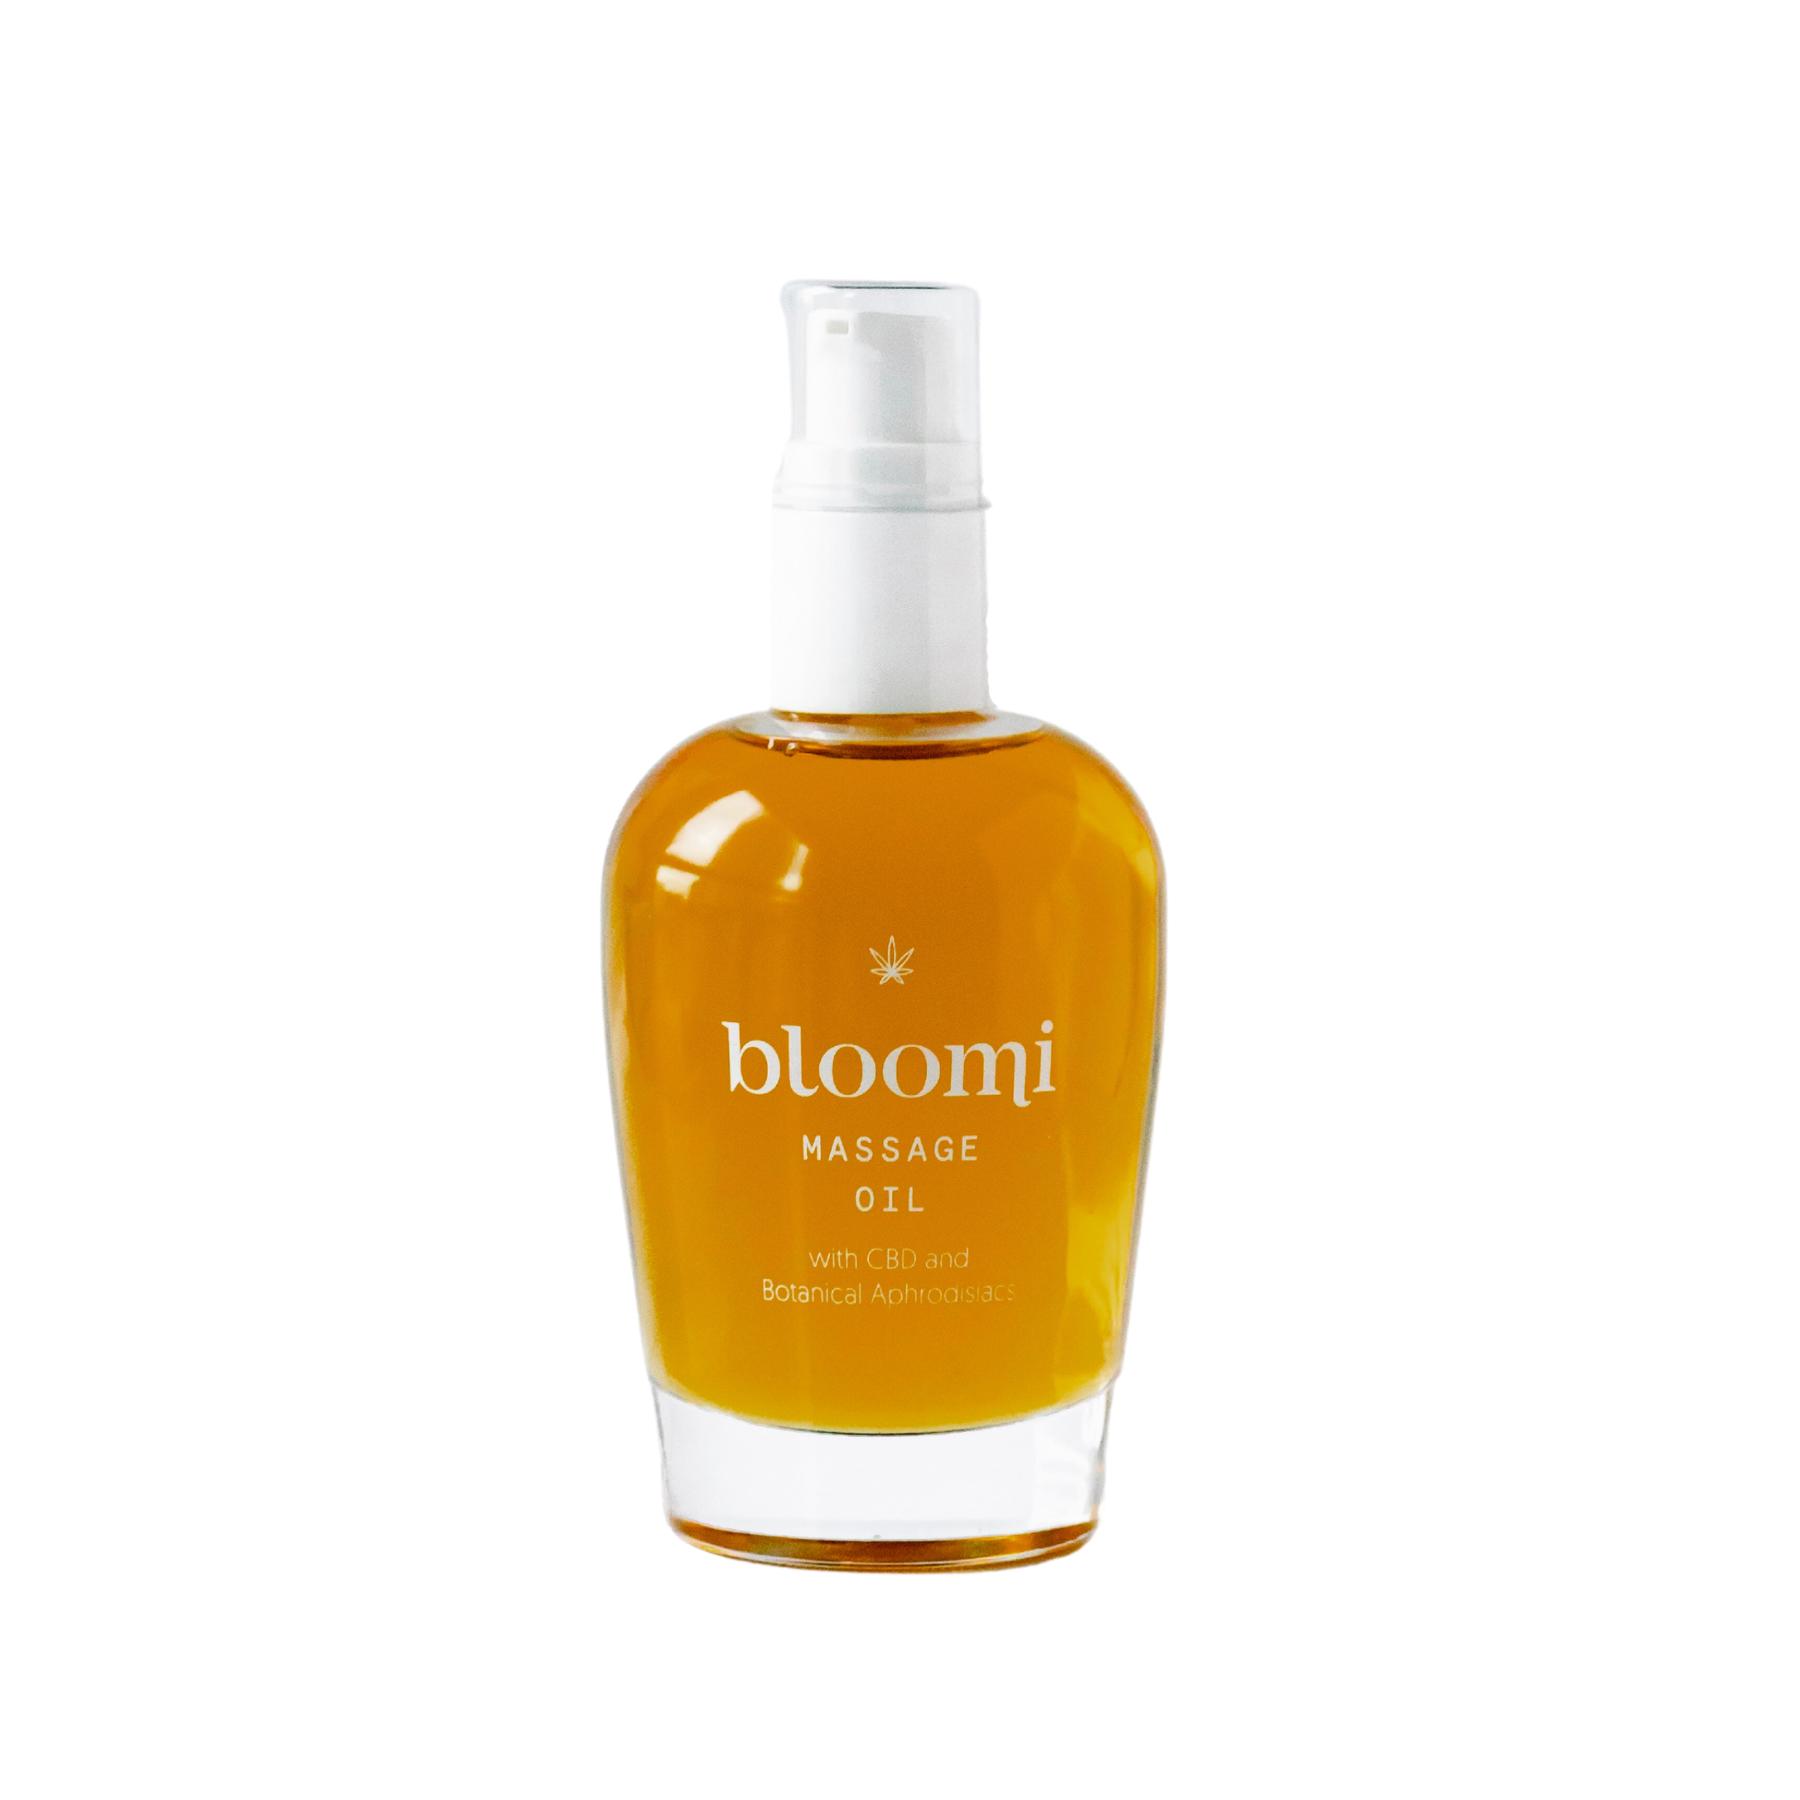 (2021) ᐉ Bloomi's CBD Aphrodisiac Massage Oil Proves ...